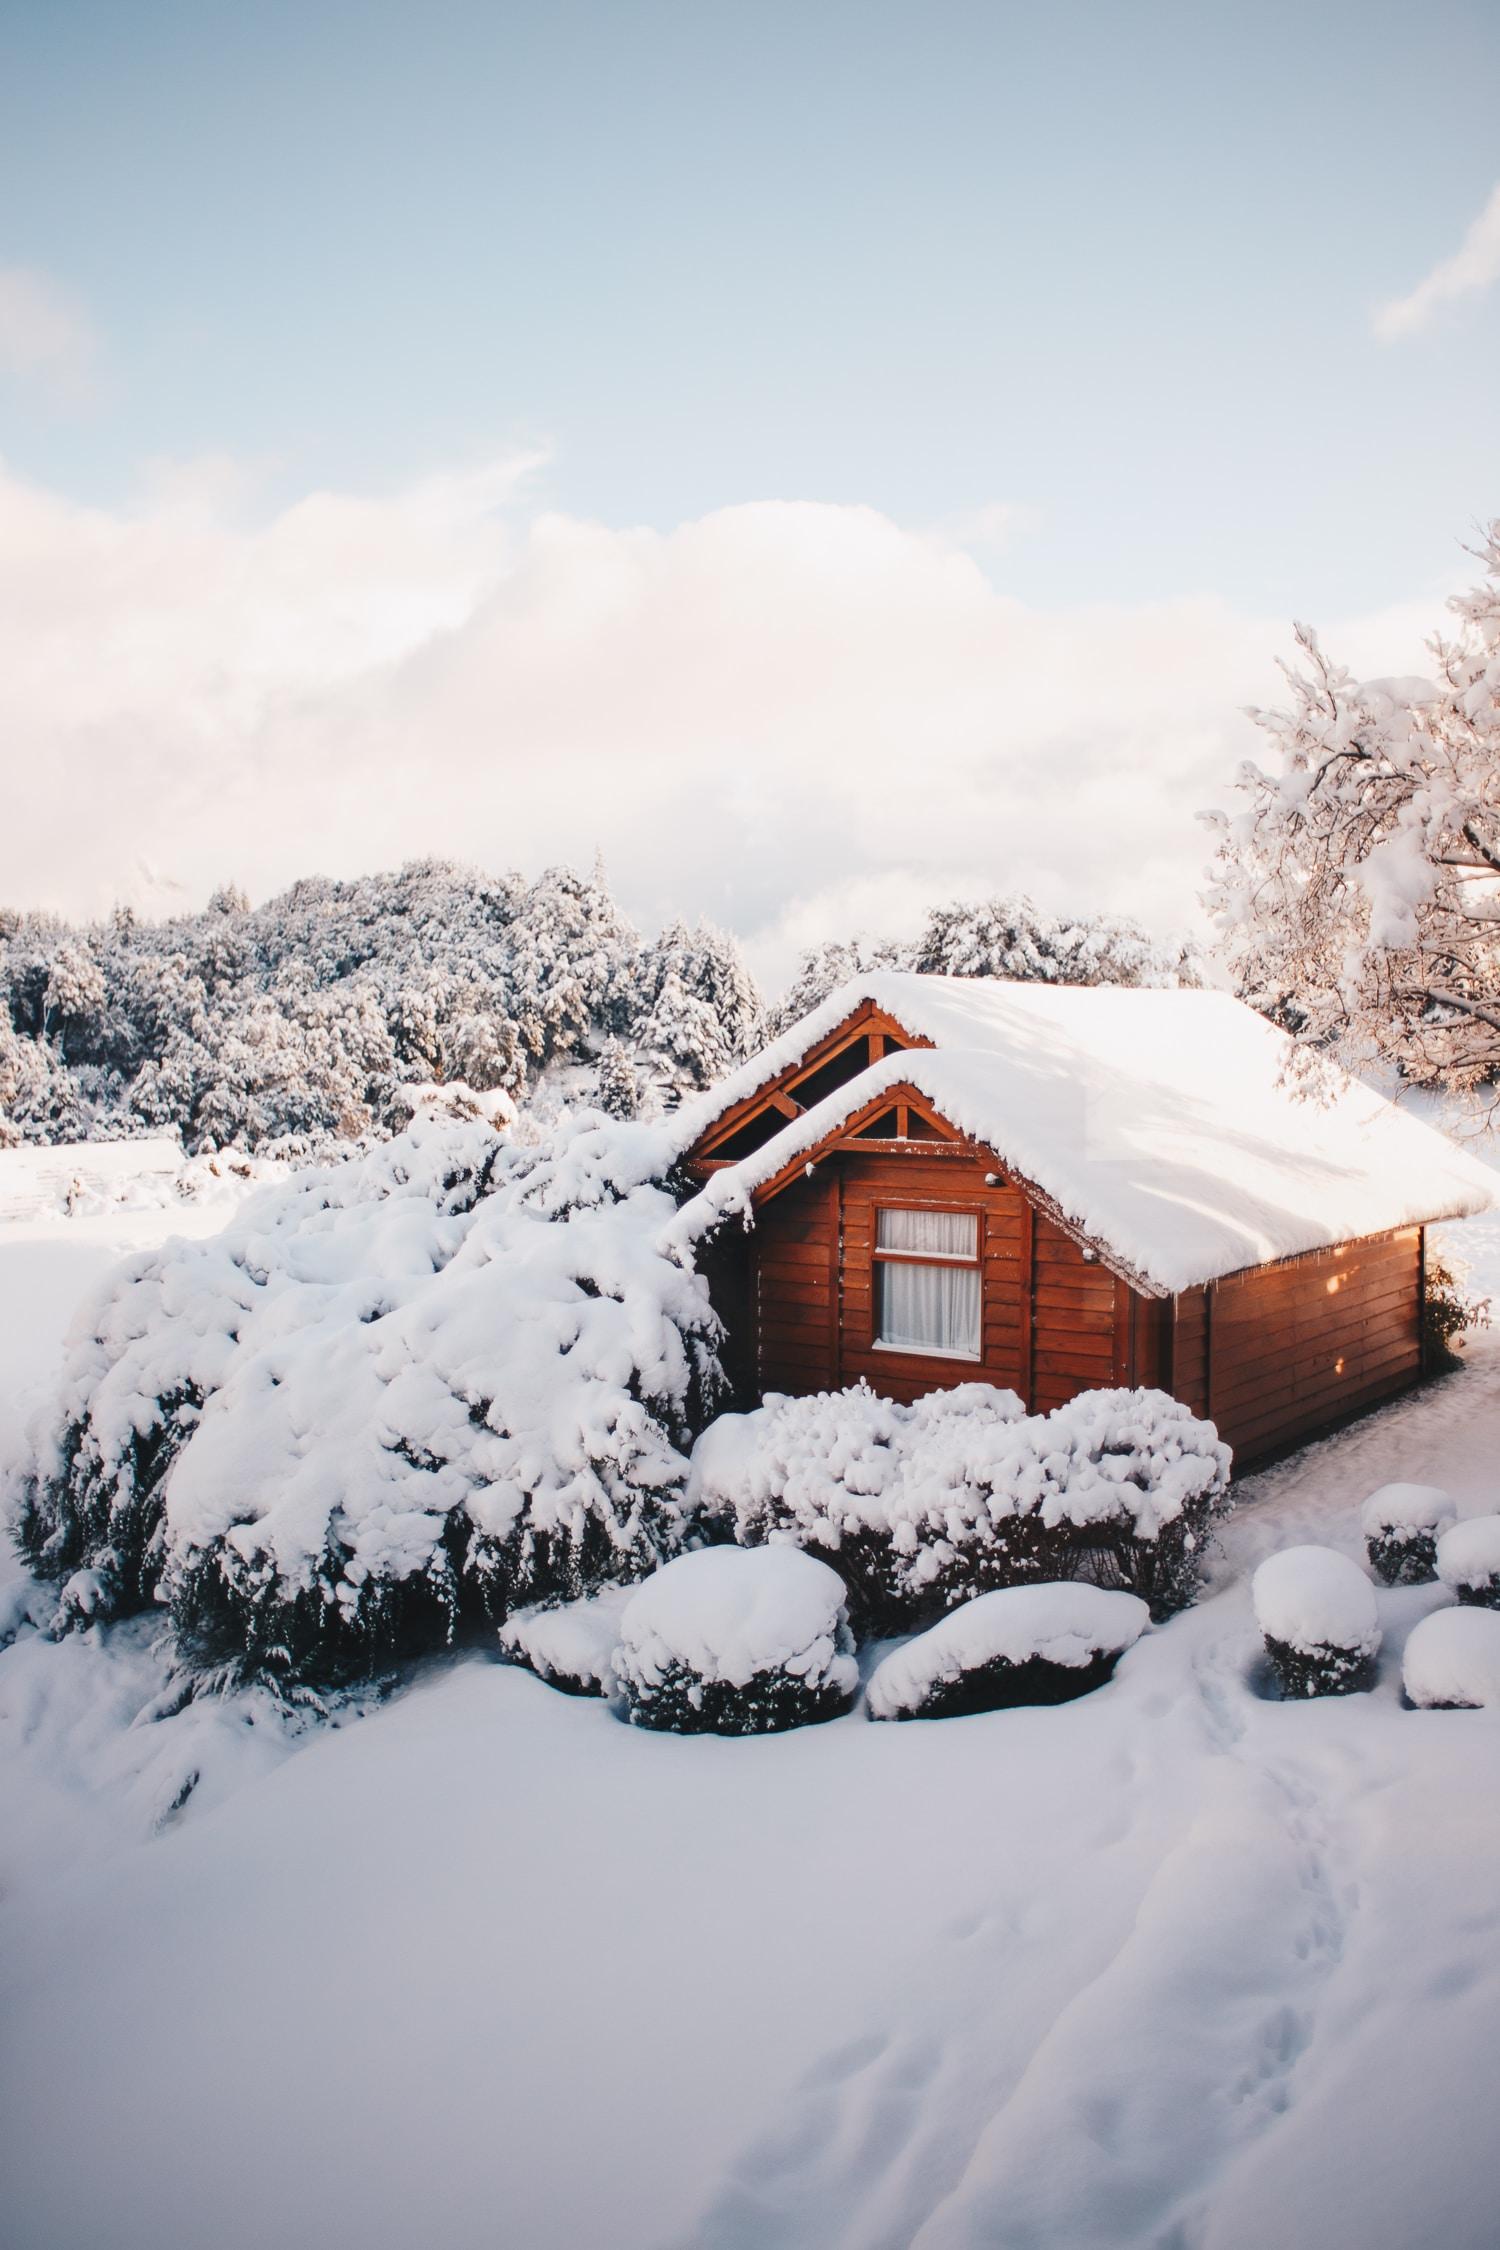 zima w ogrodzie meble zimowe